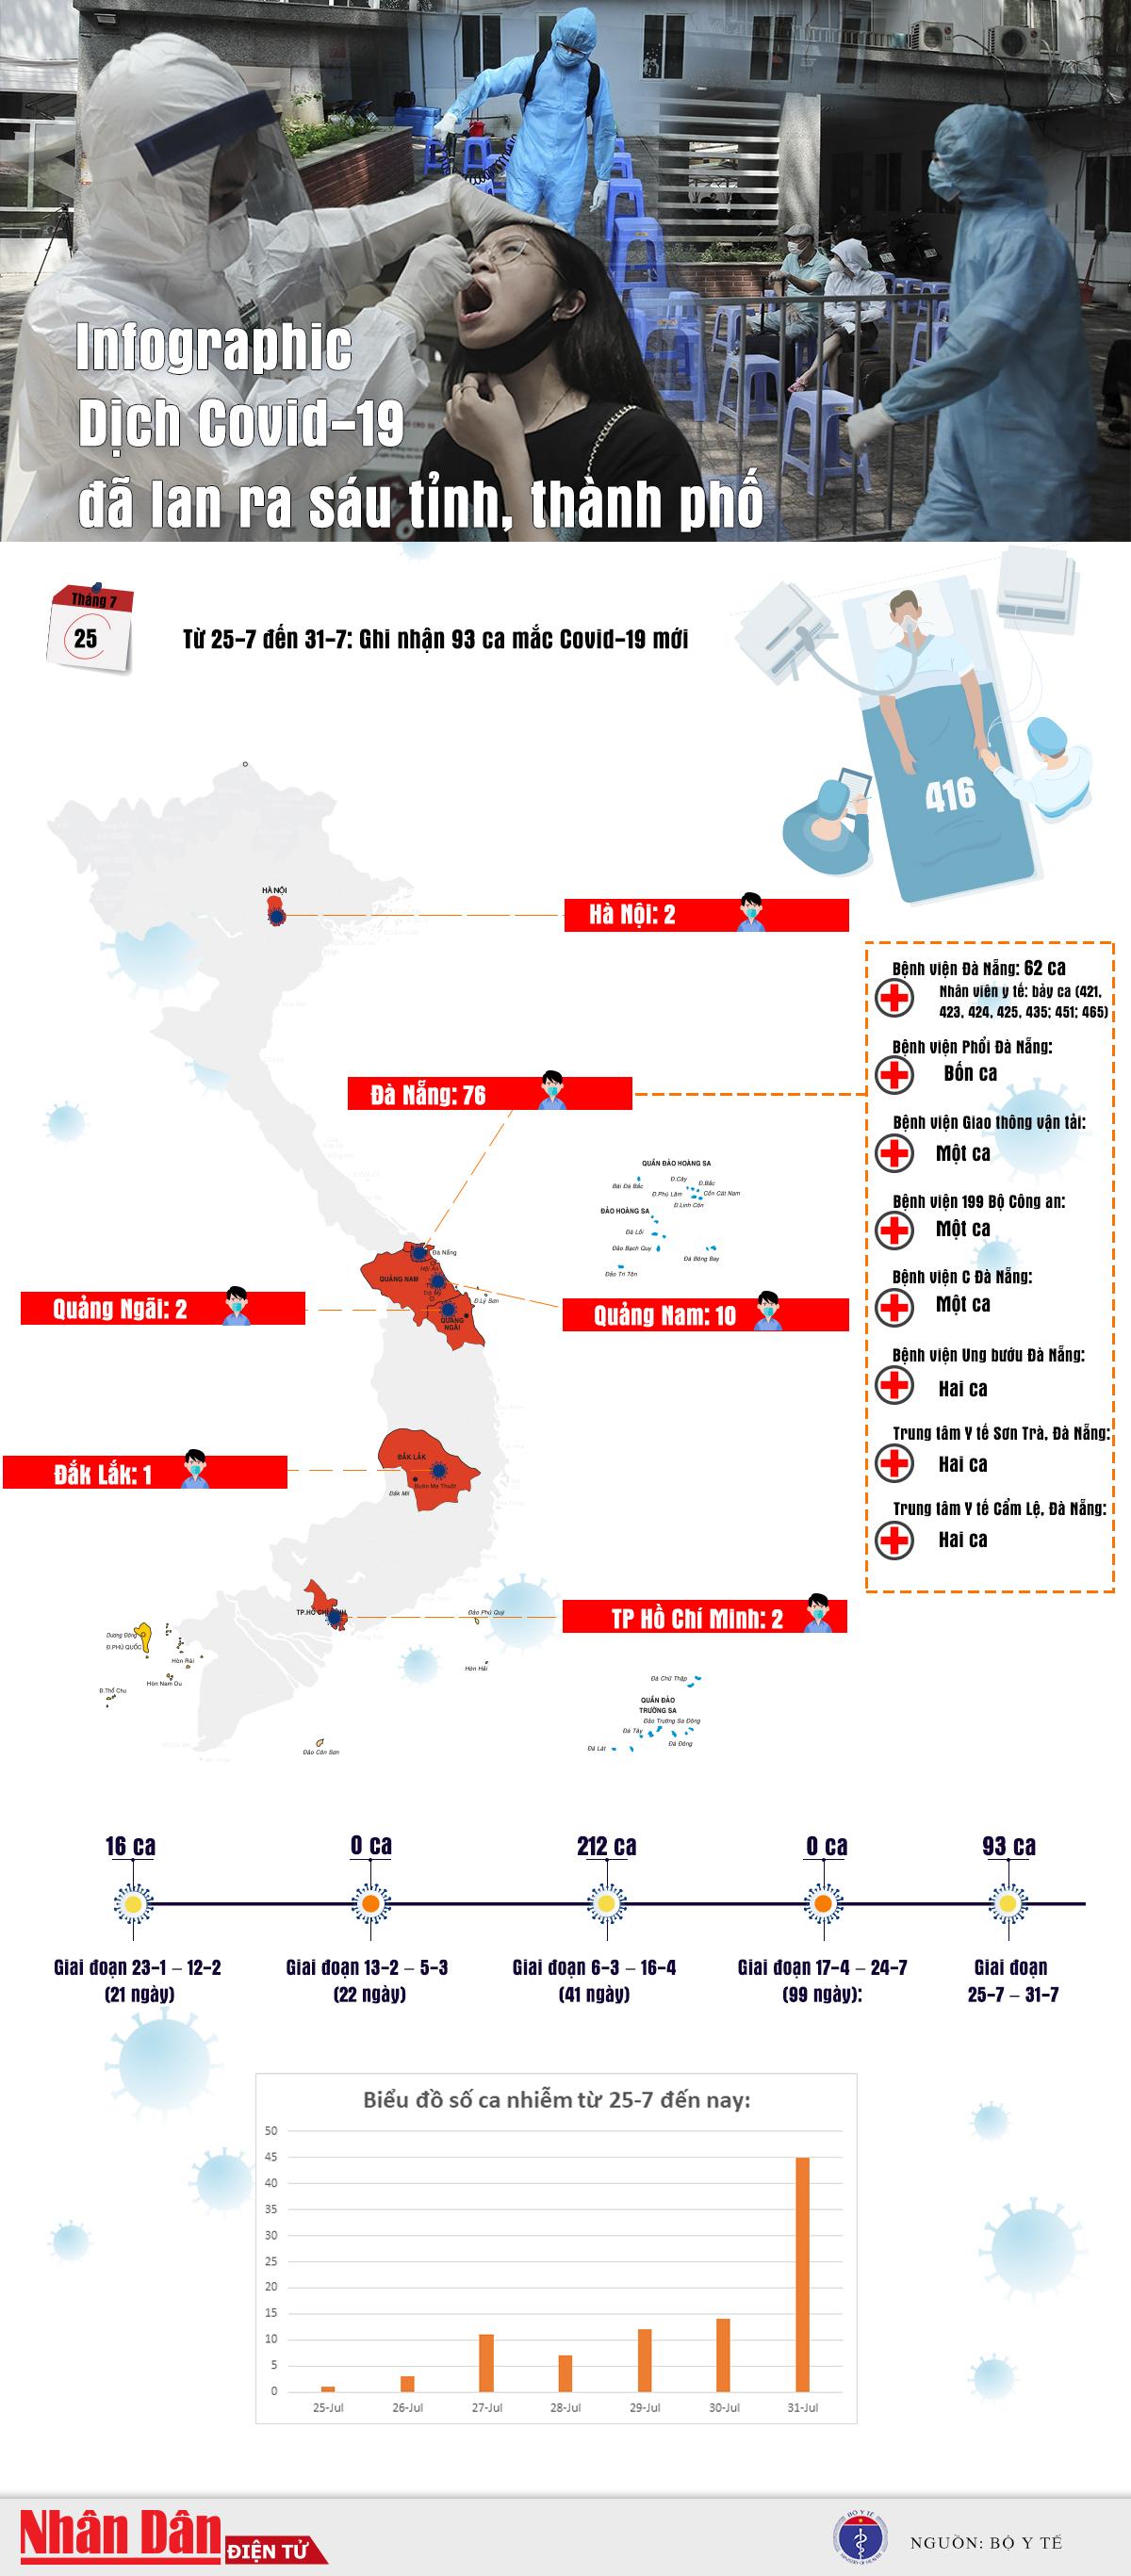 [Infographic] Biểu đồ một tuần lây lan dịch Covid-19 tại Việt Nam -0